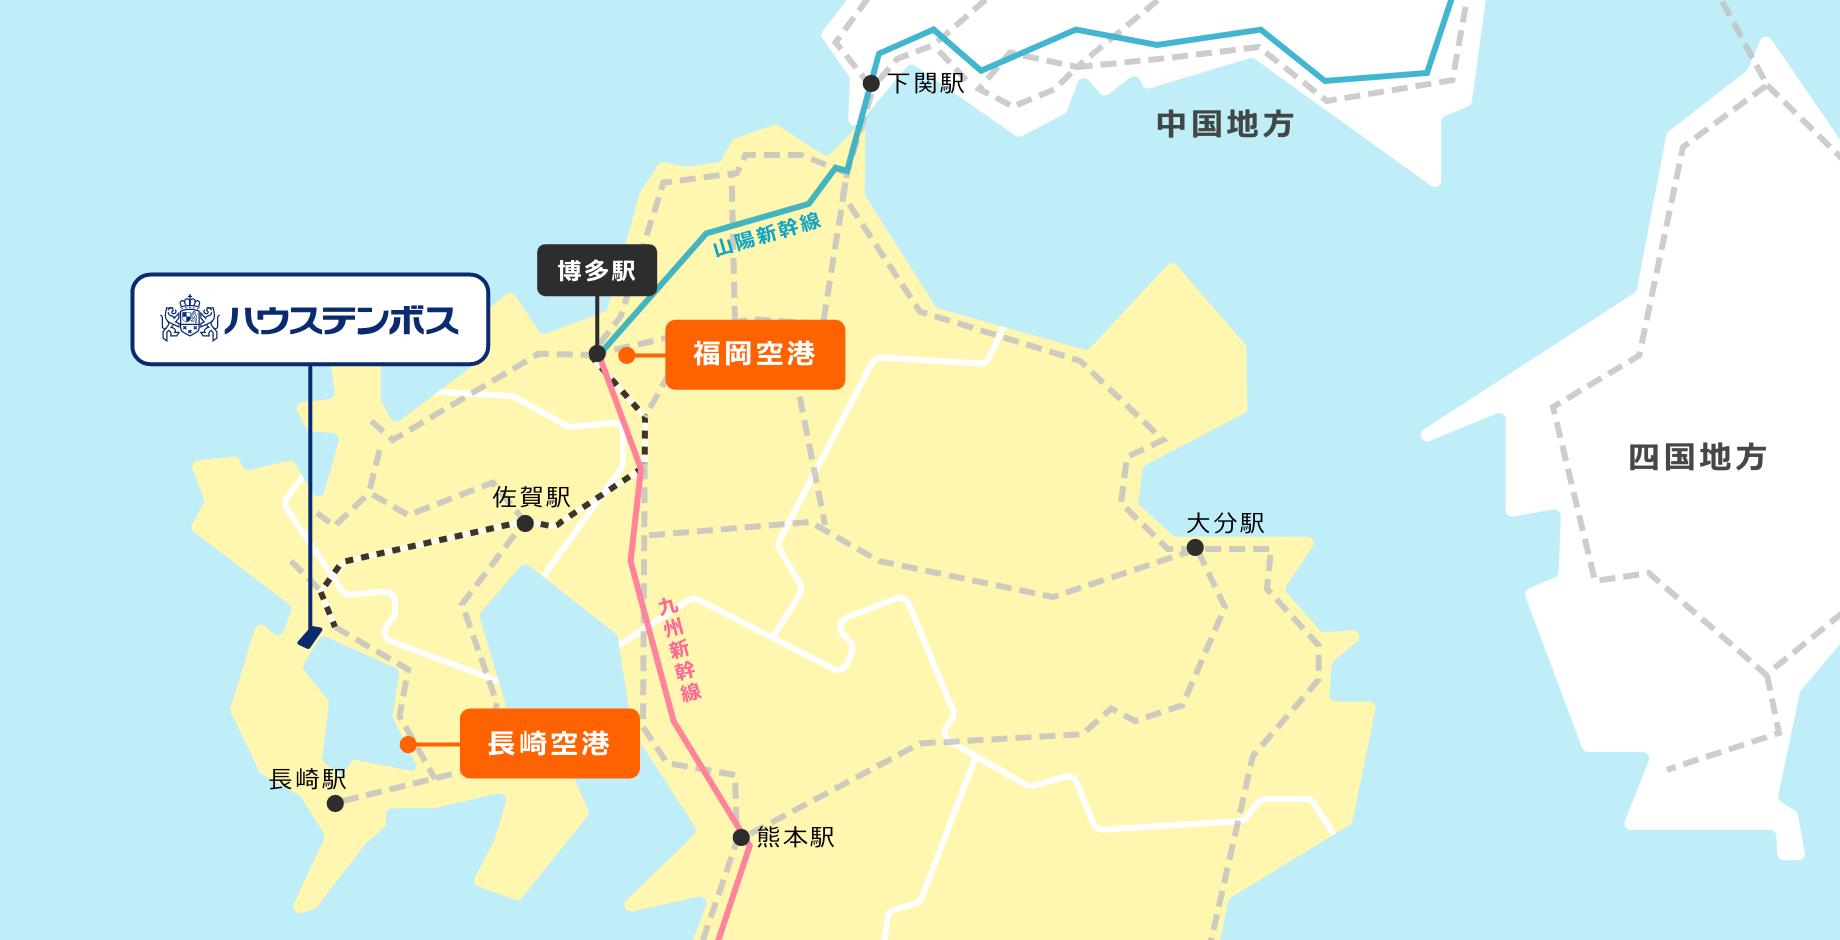 九州地方からハウステンボスまでの広域マップ